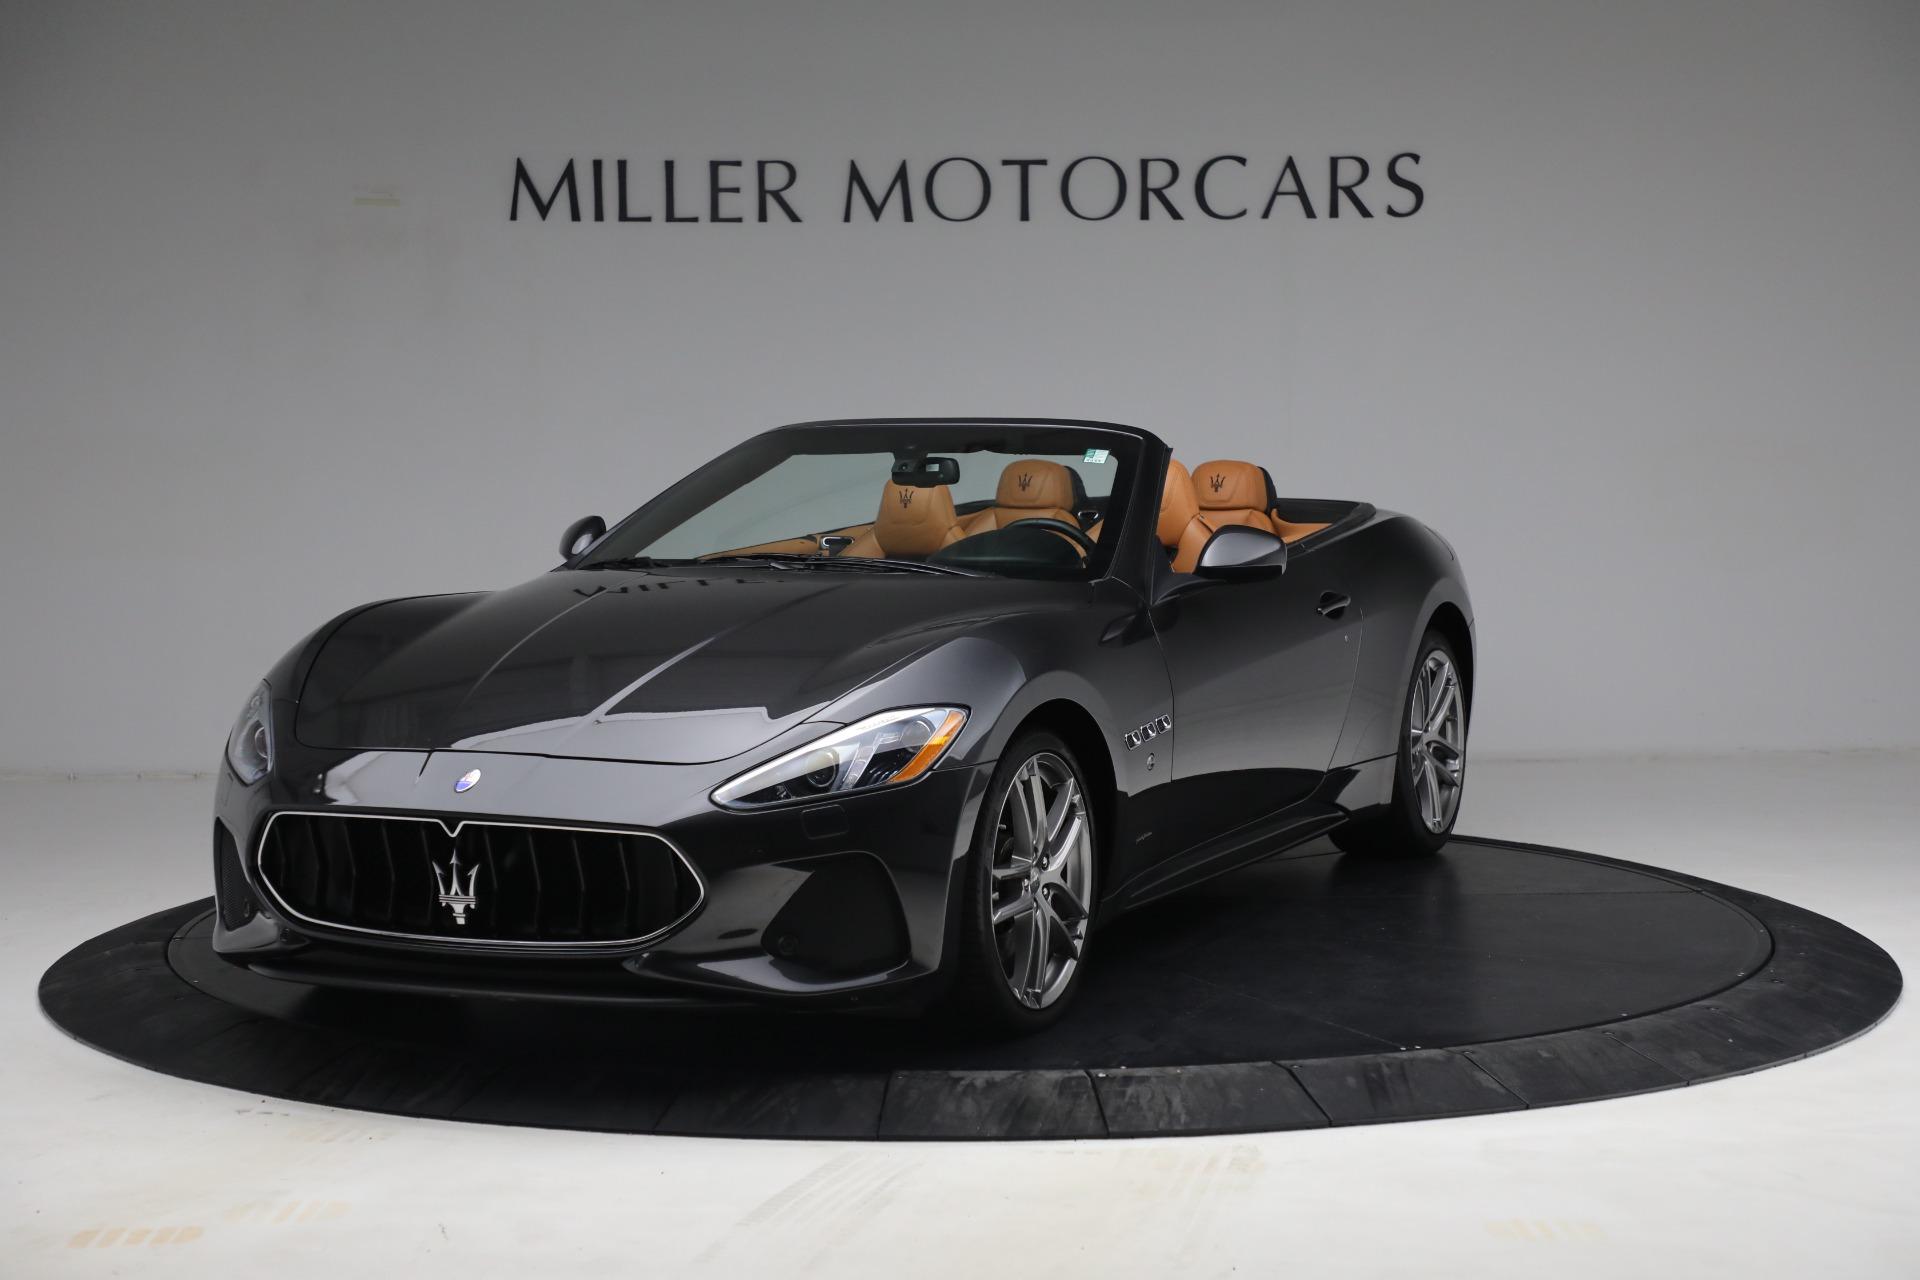 Used 2018 Maserati GranTurismo Sport for sale Sold at Bugatti of Greenwich in Greenwich CT 06830 1